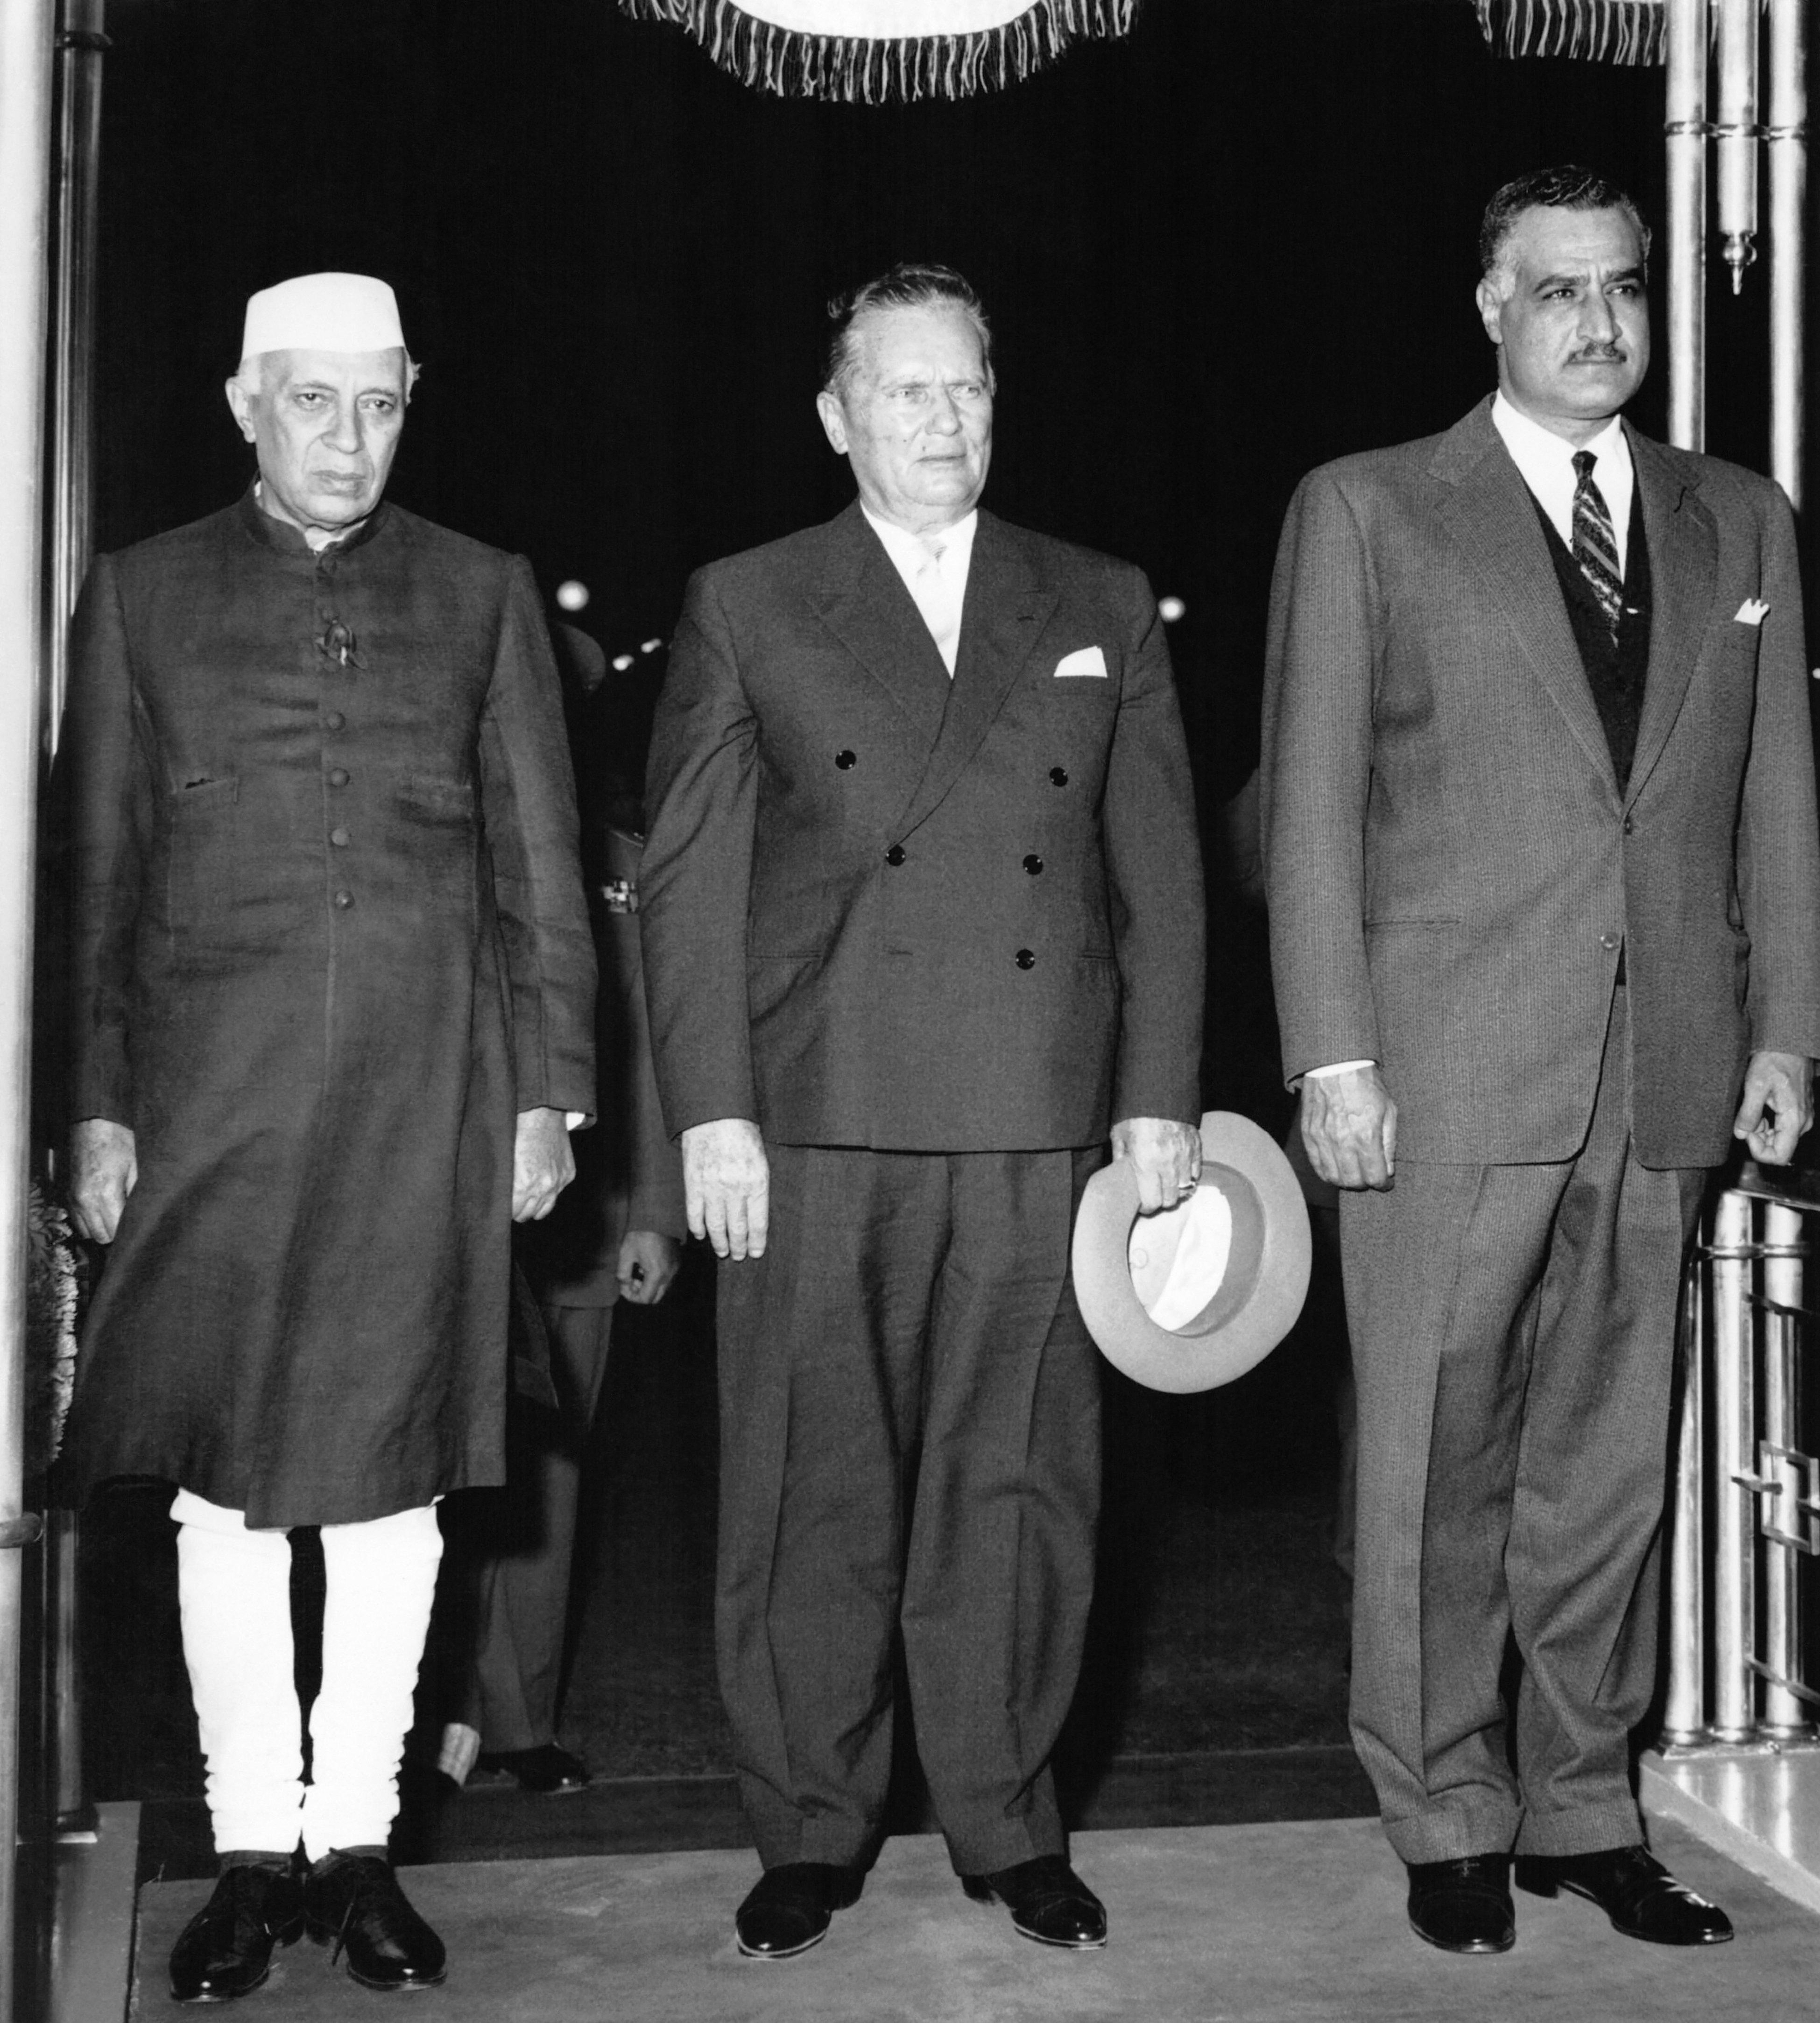 عبد الناصر مع الرئيس اليوغوسلافي تيتو ورئيس الوزراء الهندي نهرو